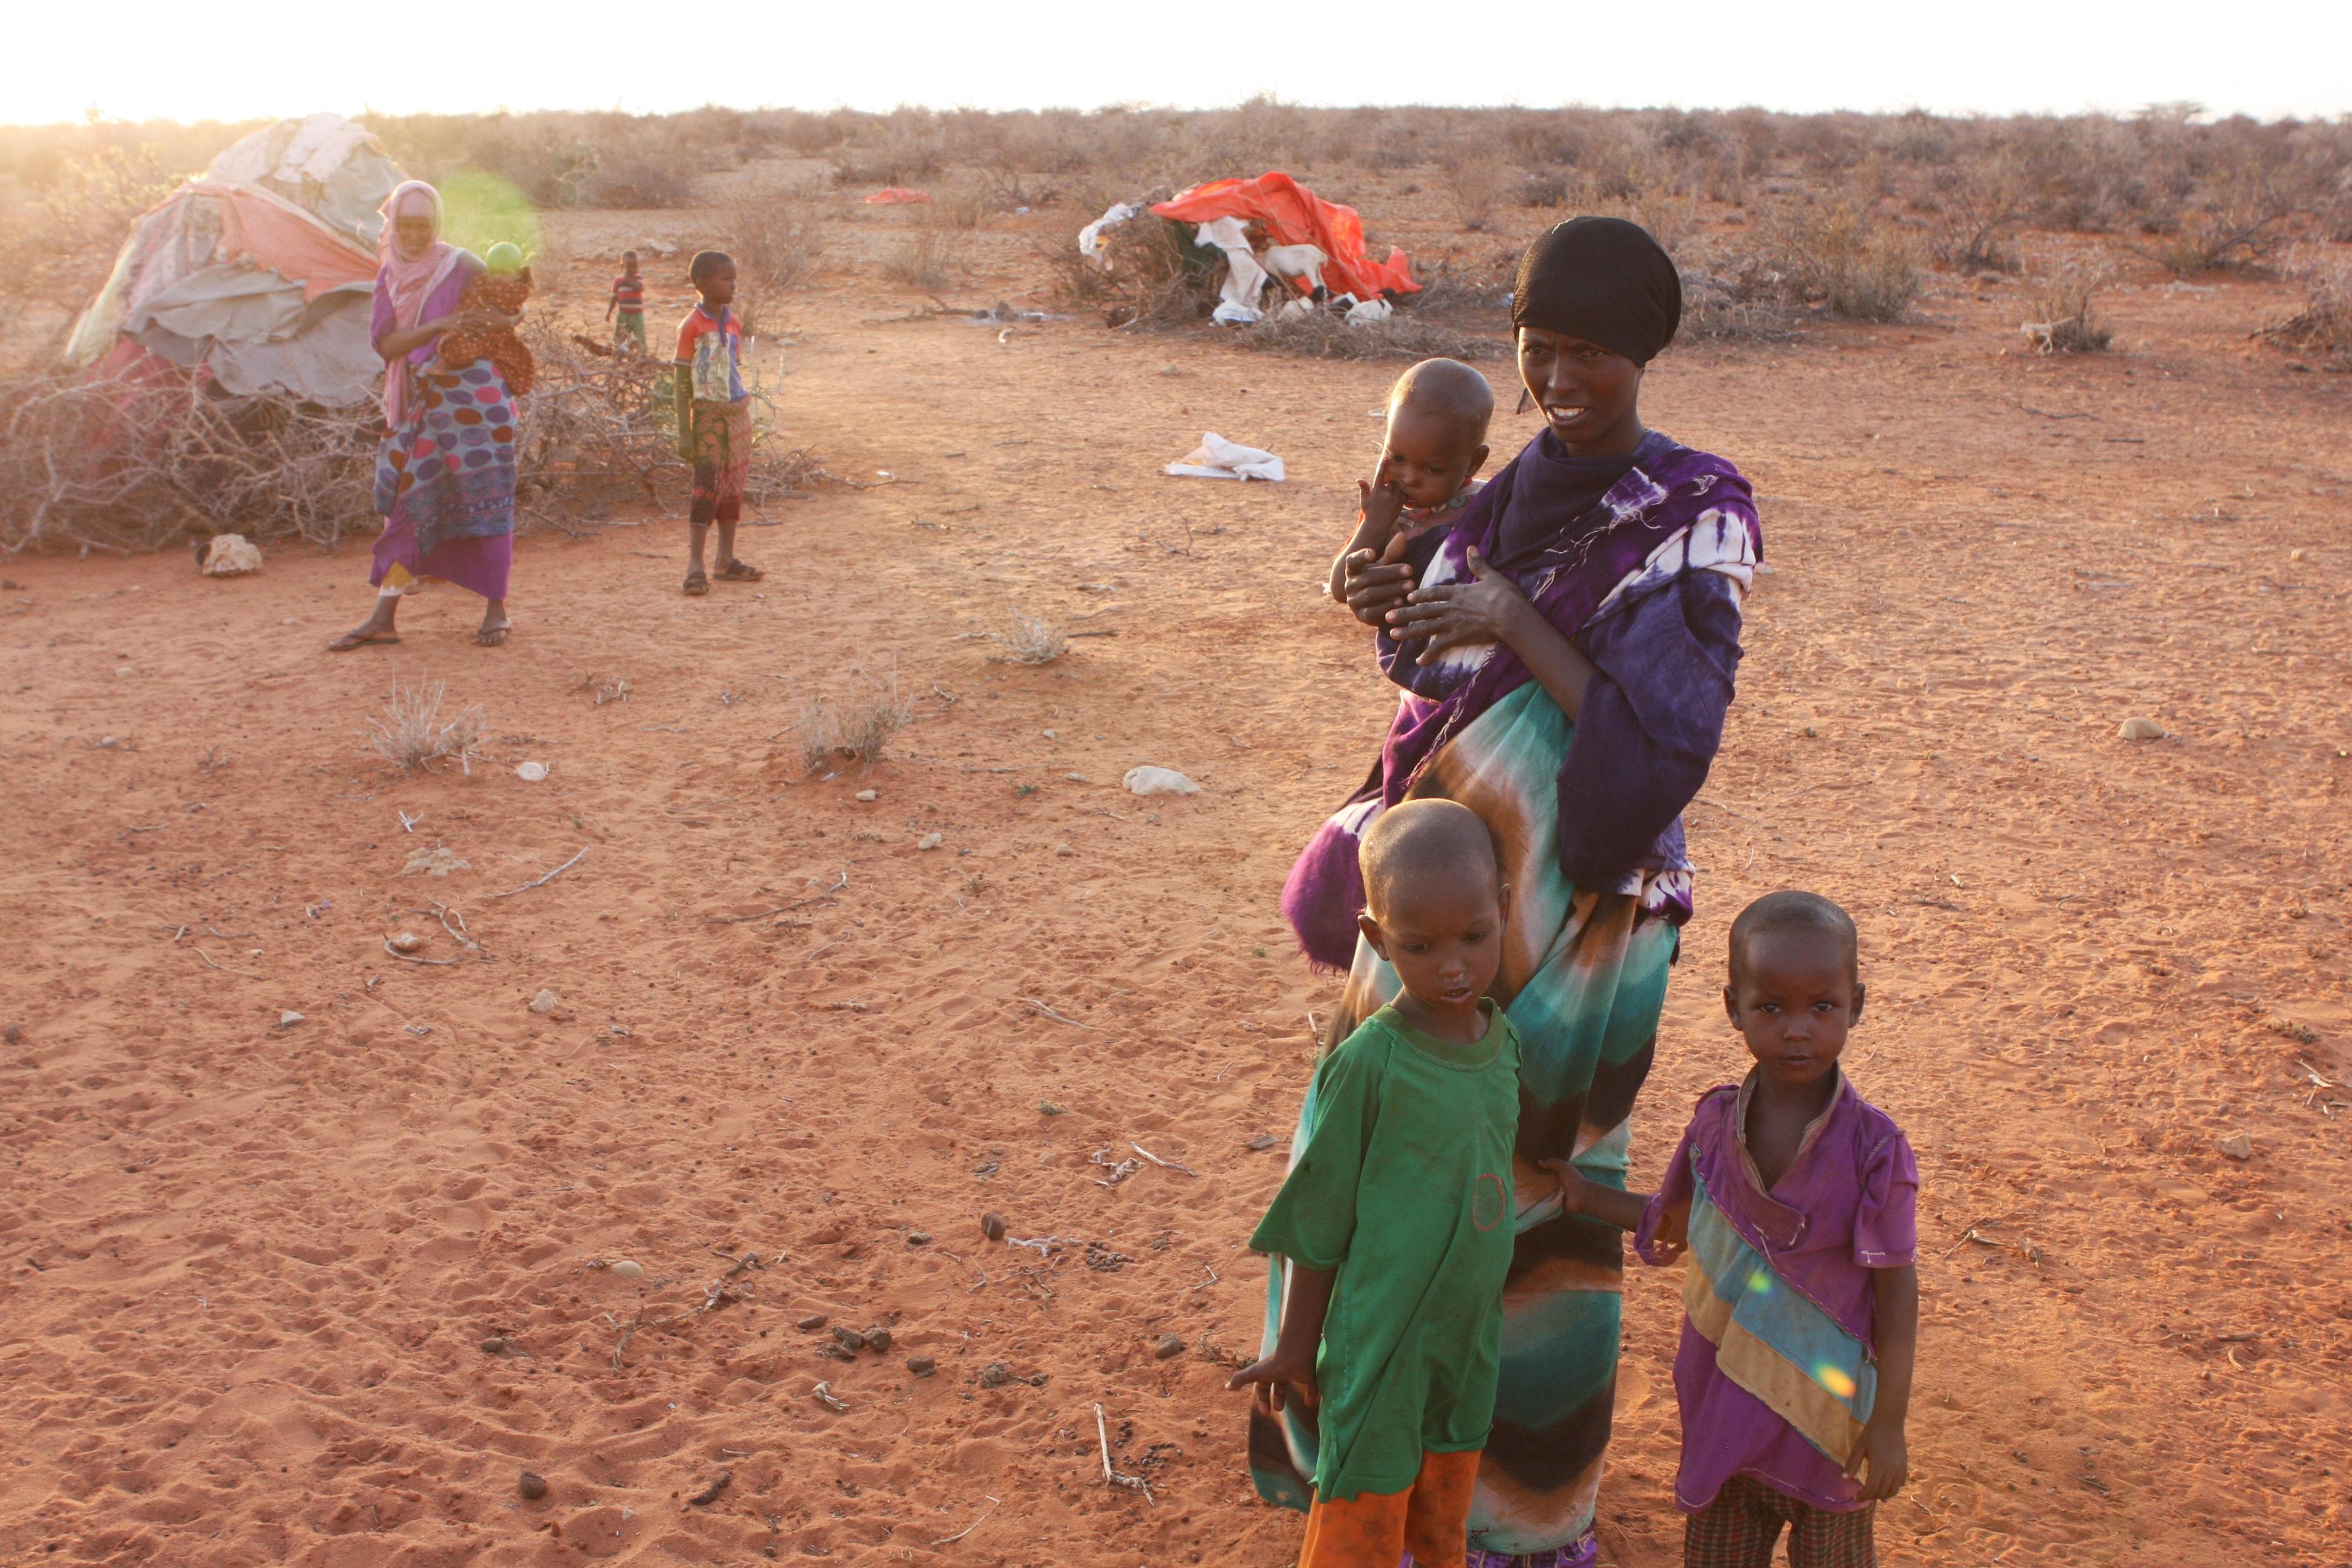 Pastoralist IDPs in Ethiopia